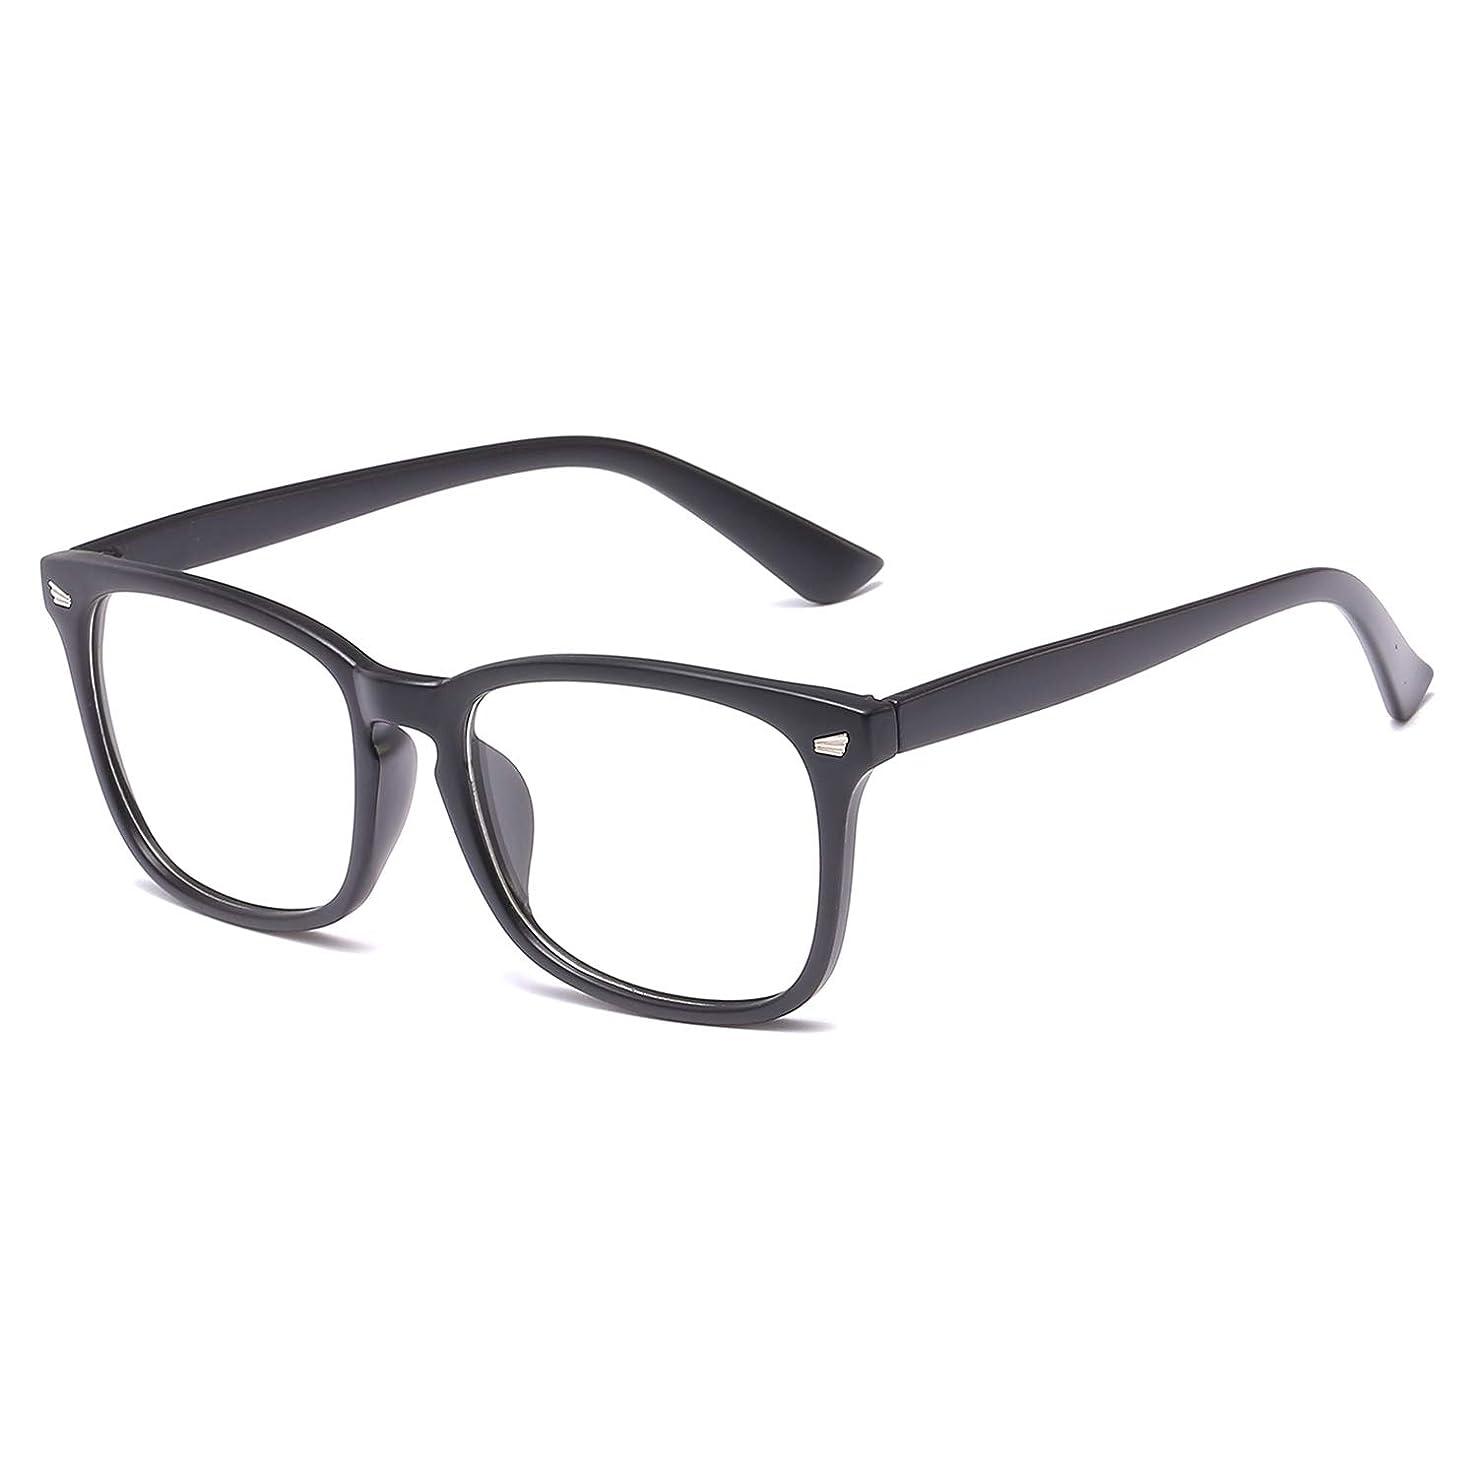 LCEC Premium Blue Light Blocking Glasses – Computer/Gaming/TV/Phones/Reading Glasses for Women Men, Anti Eyestrain UV Filter Lens Lightweight Frame Eyeglasses(Matte Black)